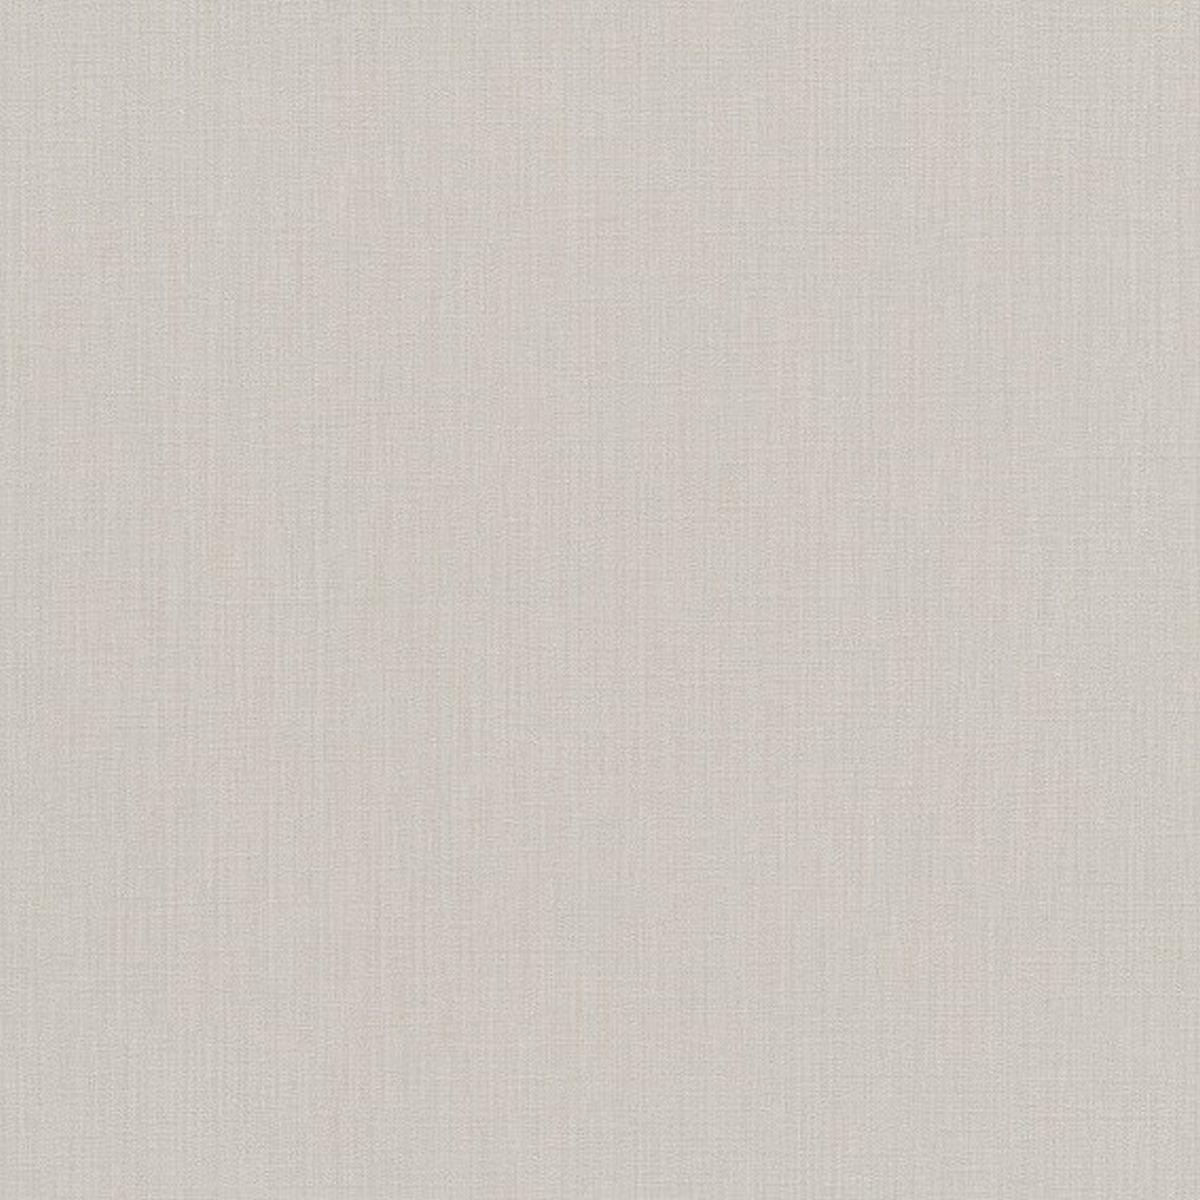 Erismann Vlies Tapete Kollektion Quiet Nature 636138 Einfarbig günstig online kaufen